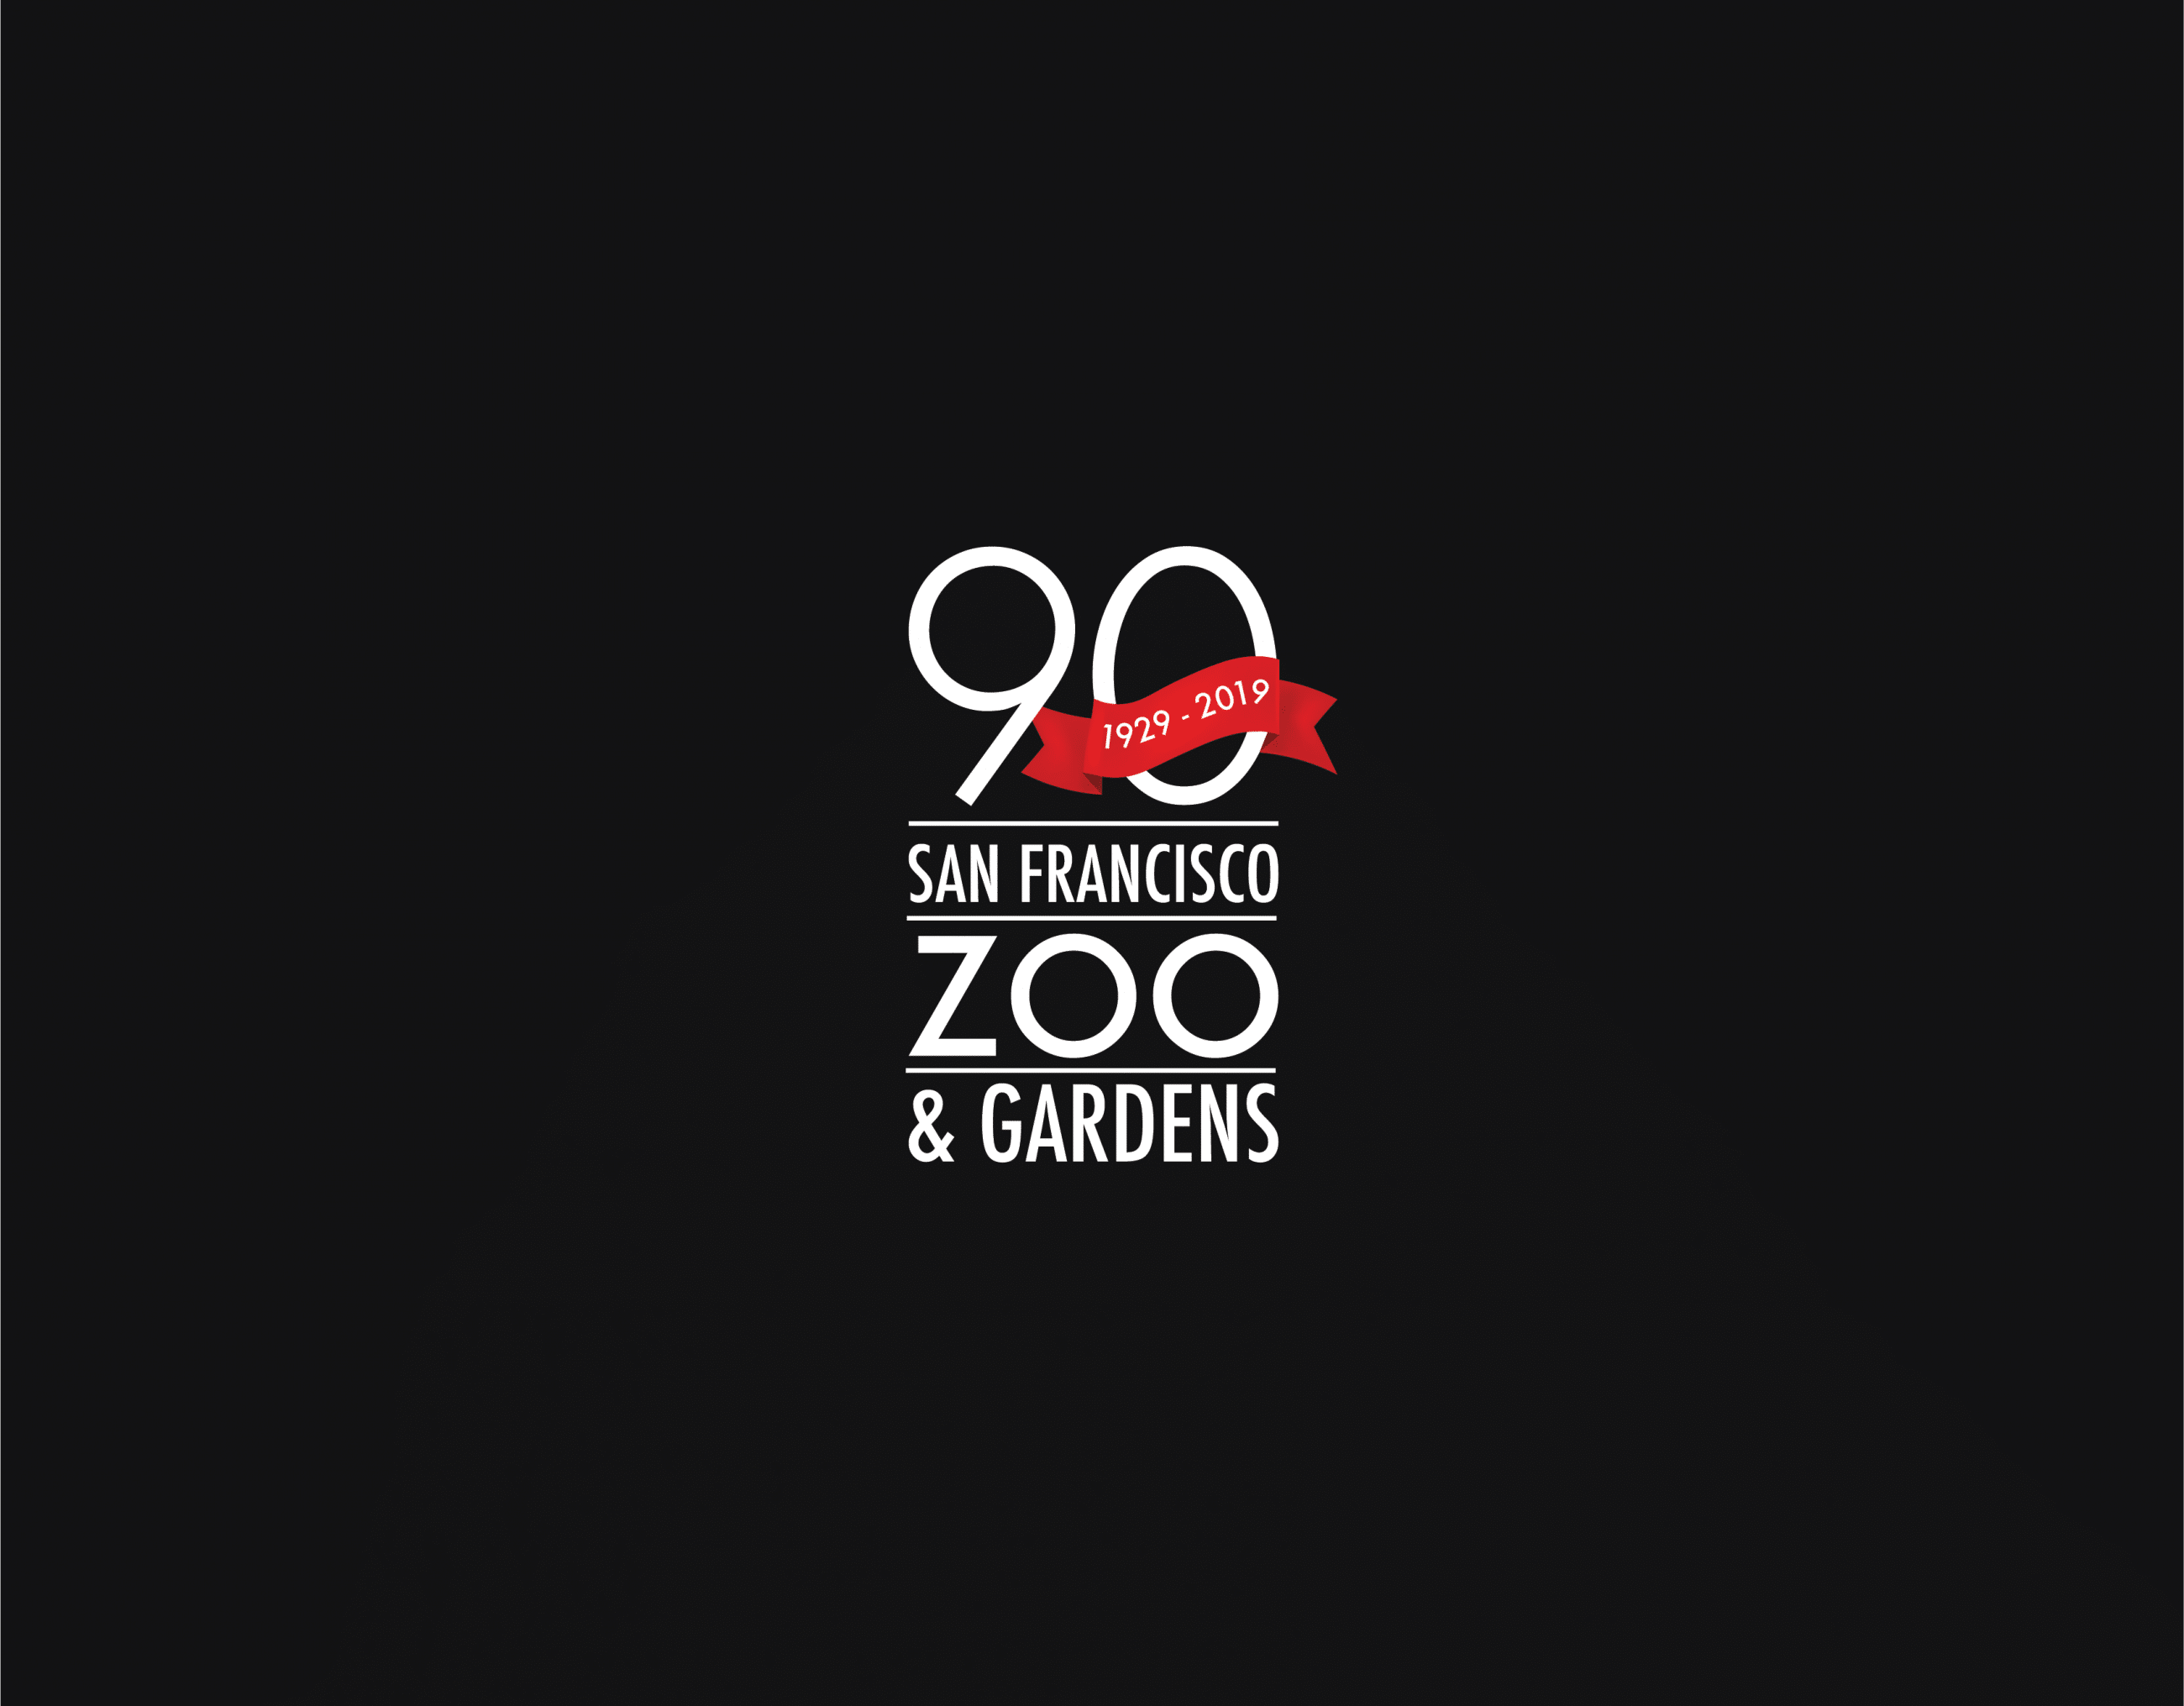 sfzoo_90_logo_generic_v1_011019-06